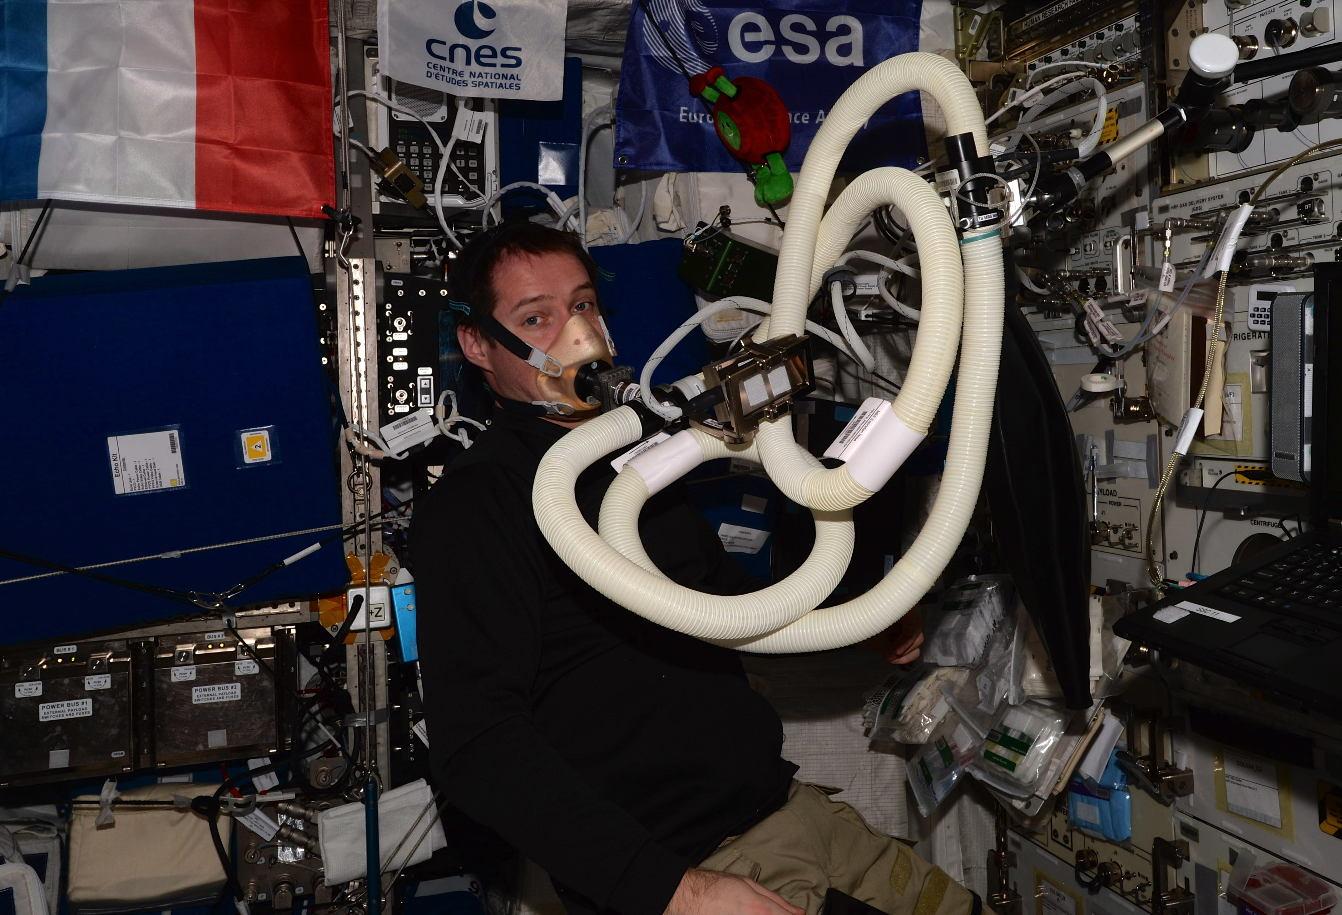 Energy: déterminer les besoins énergétiques des astronautes